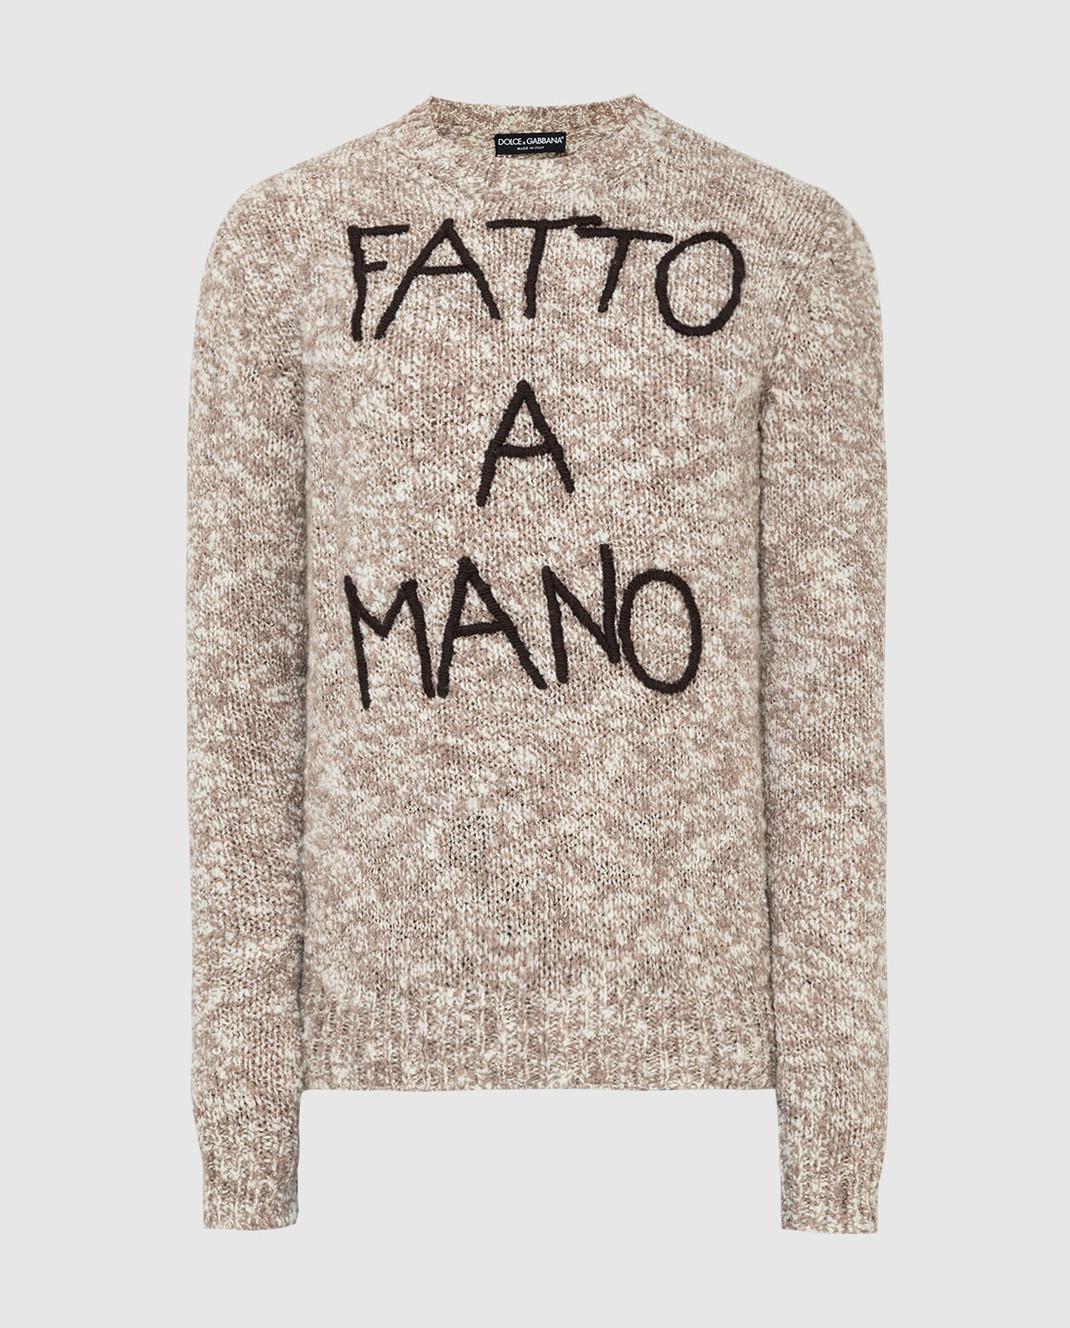 Dolce&Gabbana Бежевый свитер из шерсти изображение 1